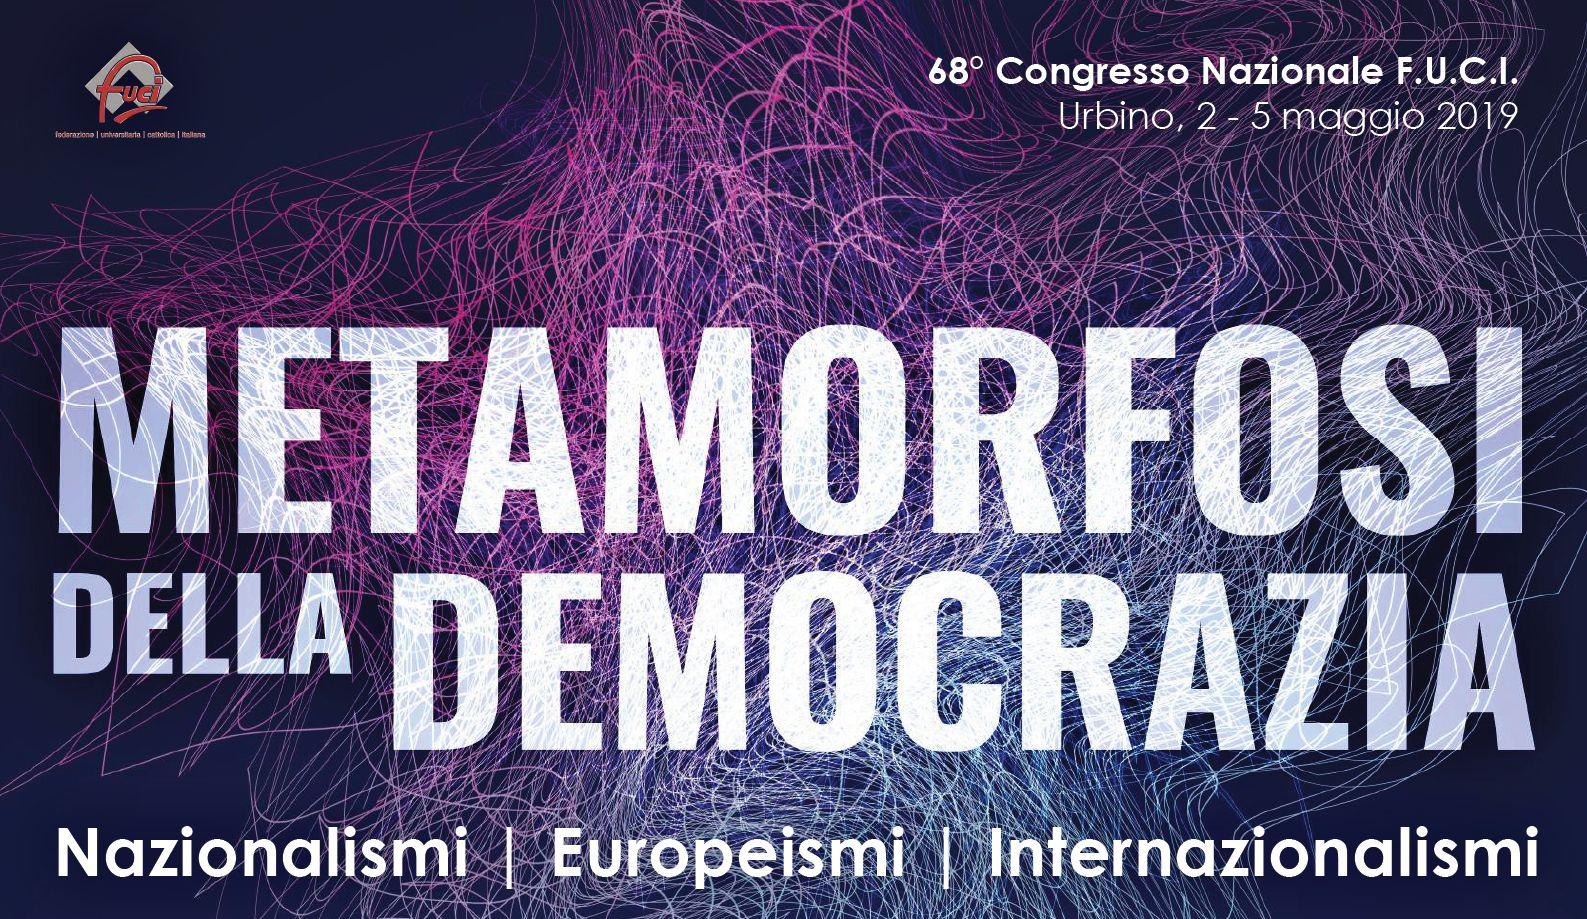 Metamorfosi della democrazia, l'esperienza di Rondine al 68° Congresso Nazionale Fuci